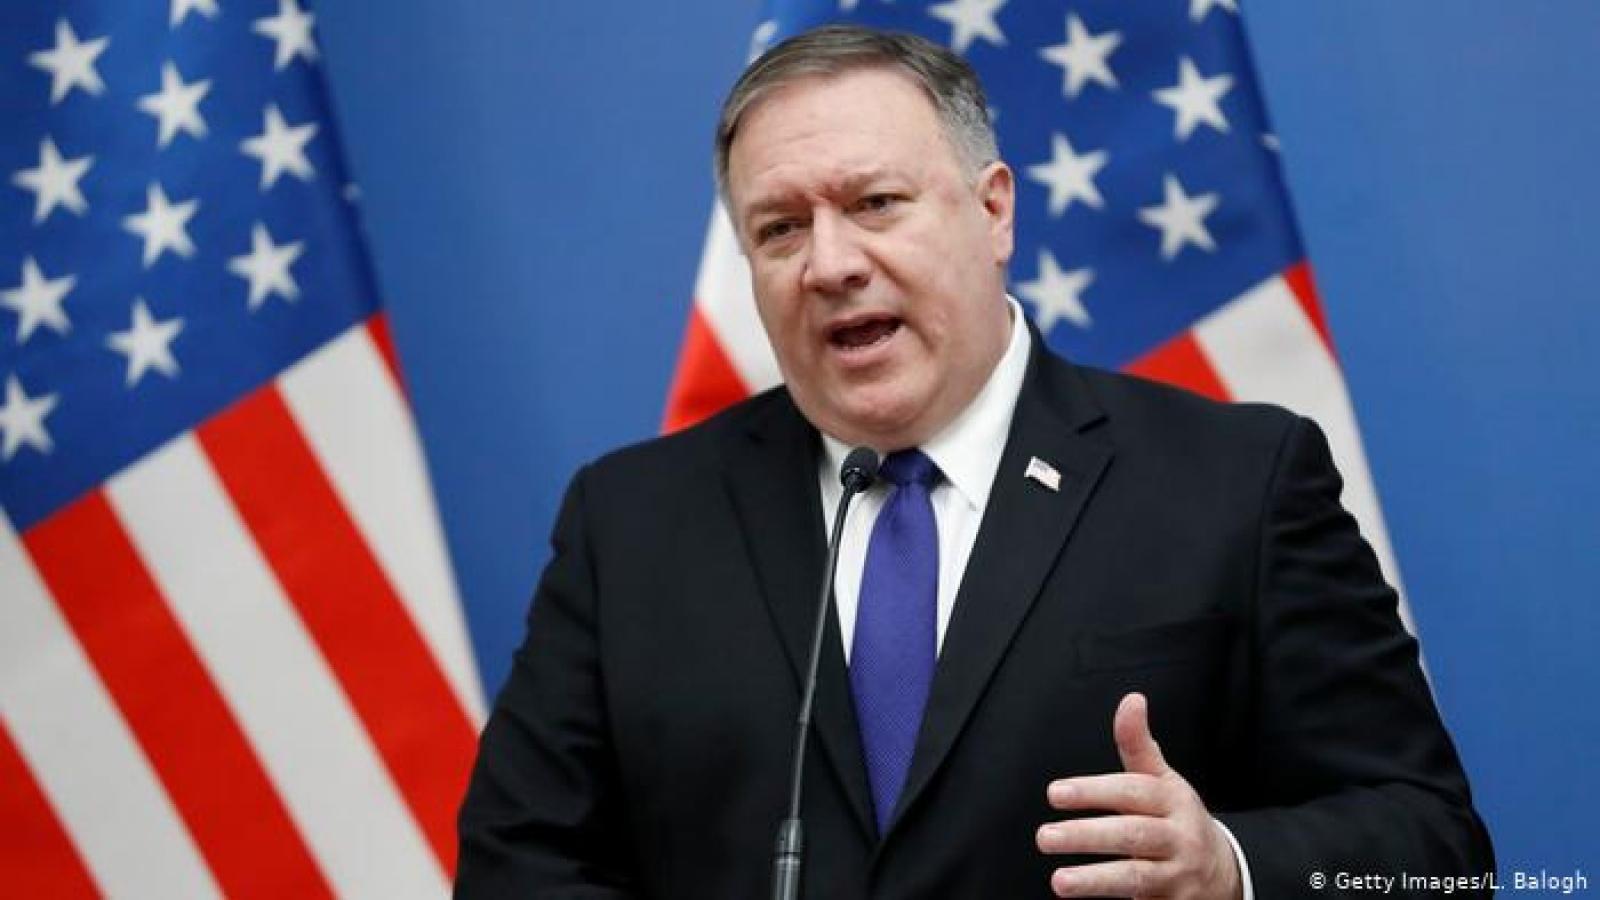 Mỹ sẽ trừng phạt Iran nếu LHQ không gia hạn lệnh cấm vận vũ khí